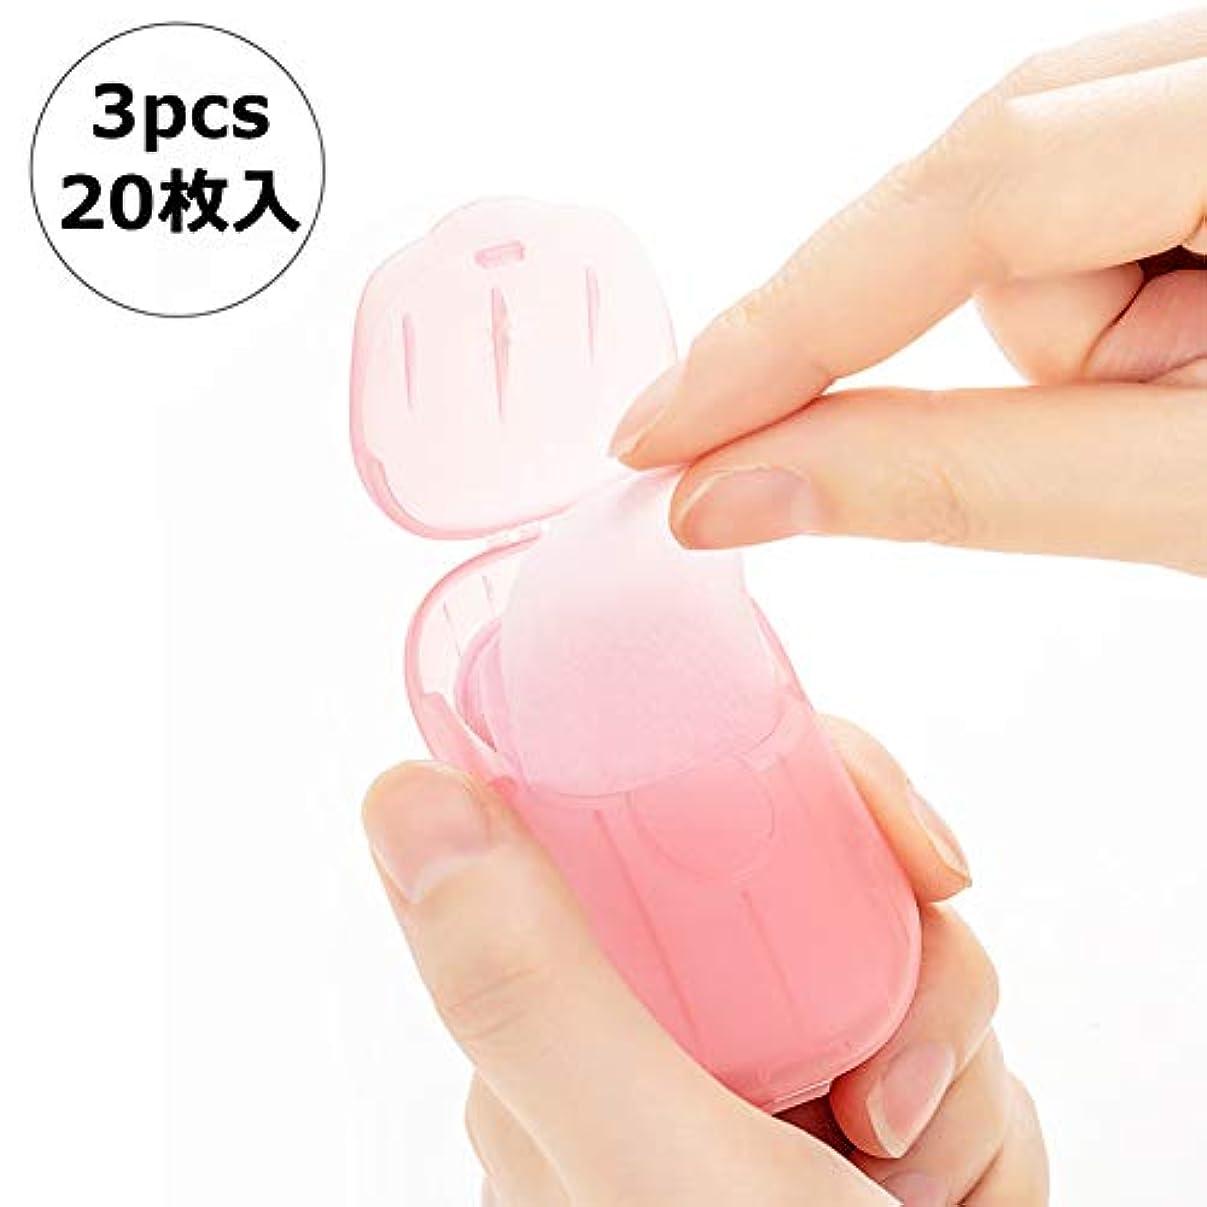 放棄虫を数える鉱石NITIUMI ペーパーソープ 除菌 香り 石鹸 手洗い/お風呂 旅行携帯用 紙せっけん 20枚入 ケース付き カラーランダム (3個セット)